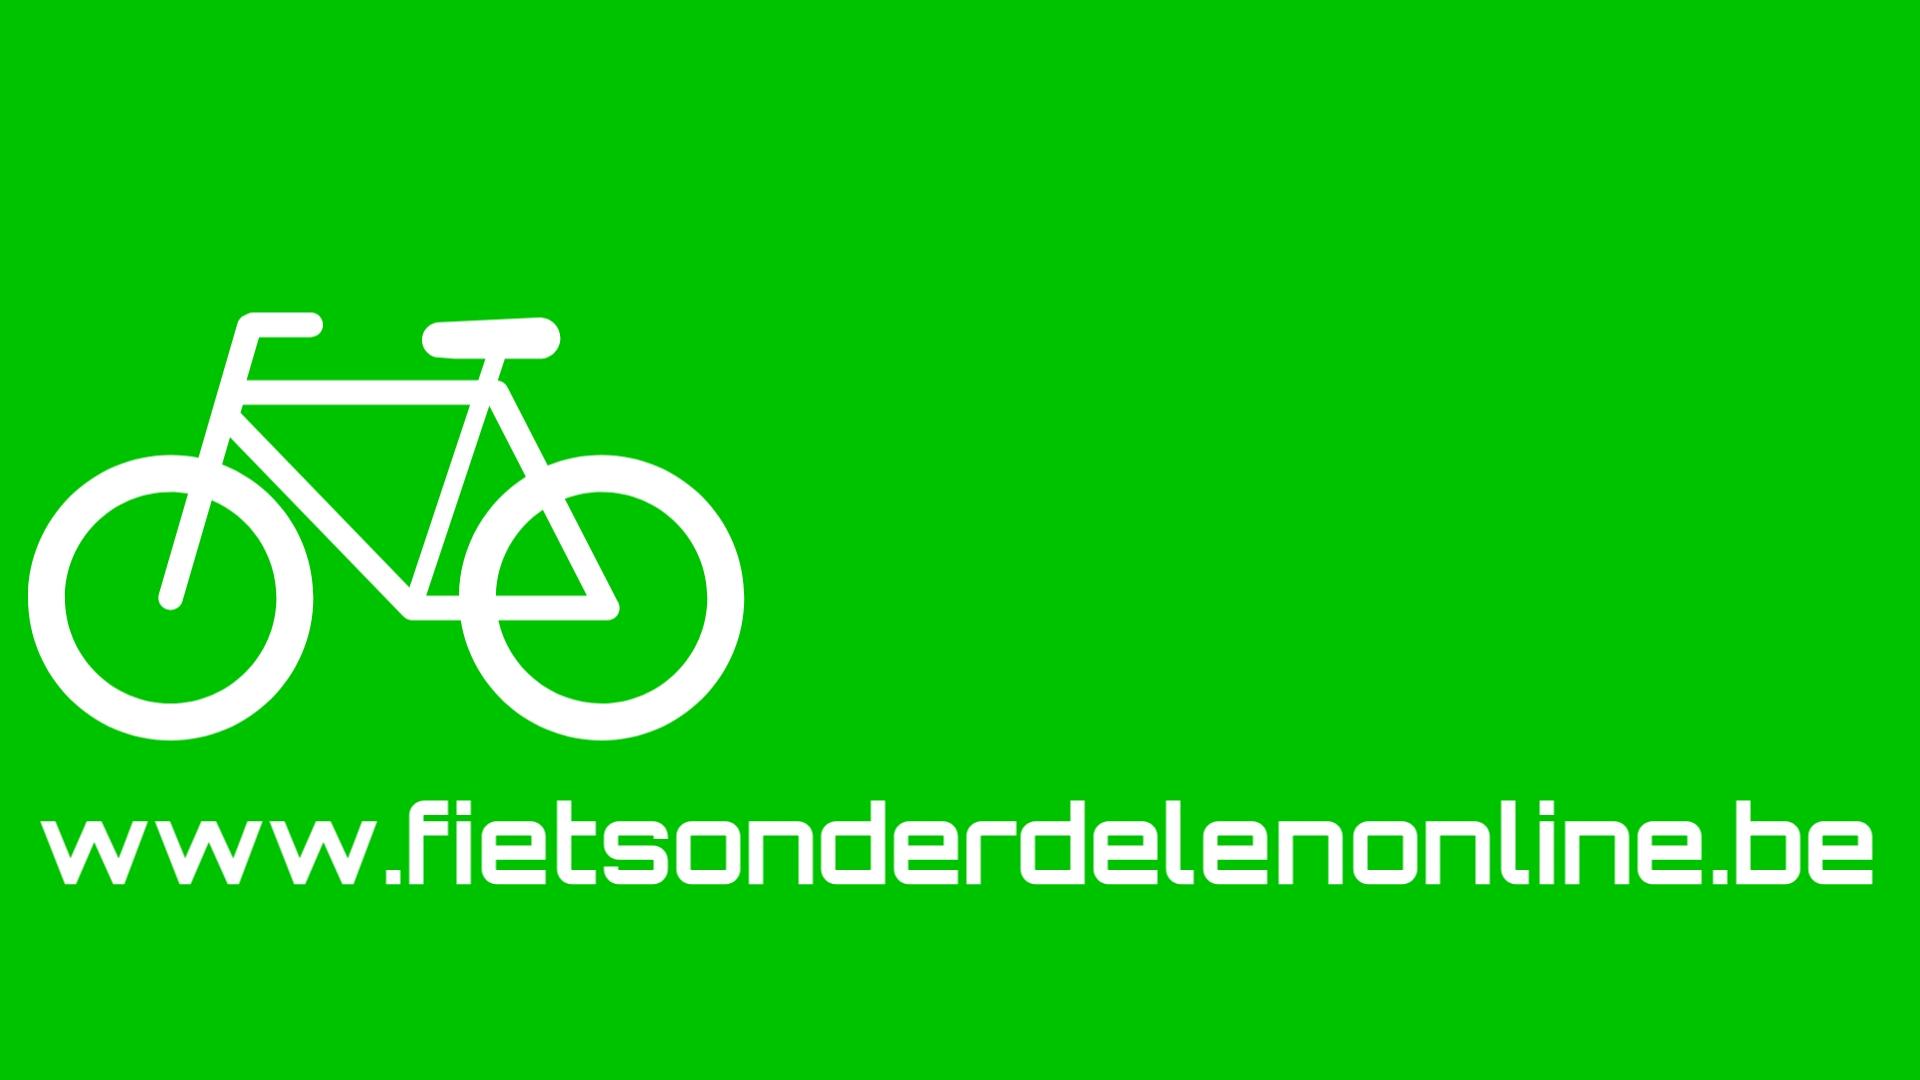 Fietsonderdelenonline.be promotie : Dag Van De Webshop